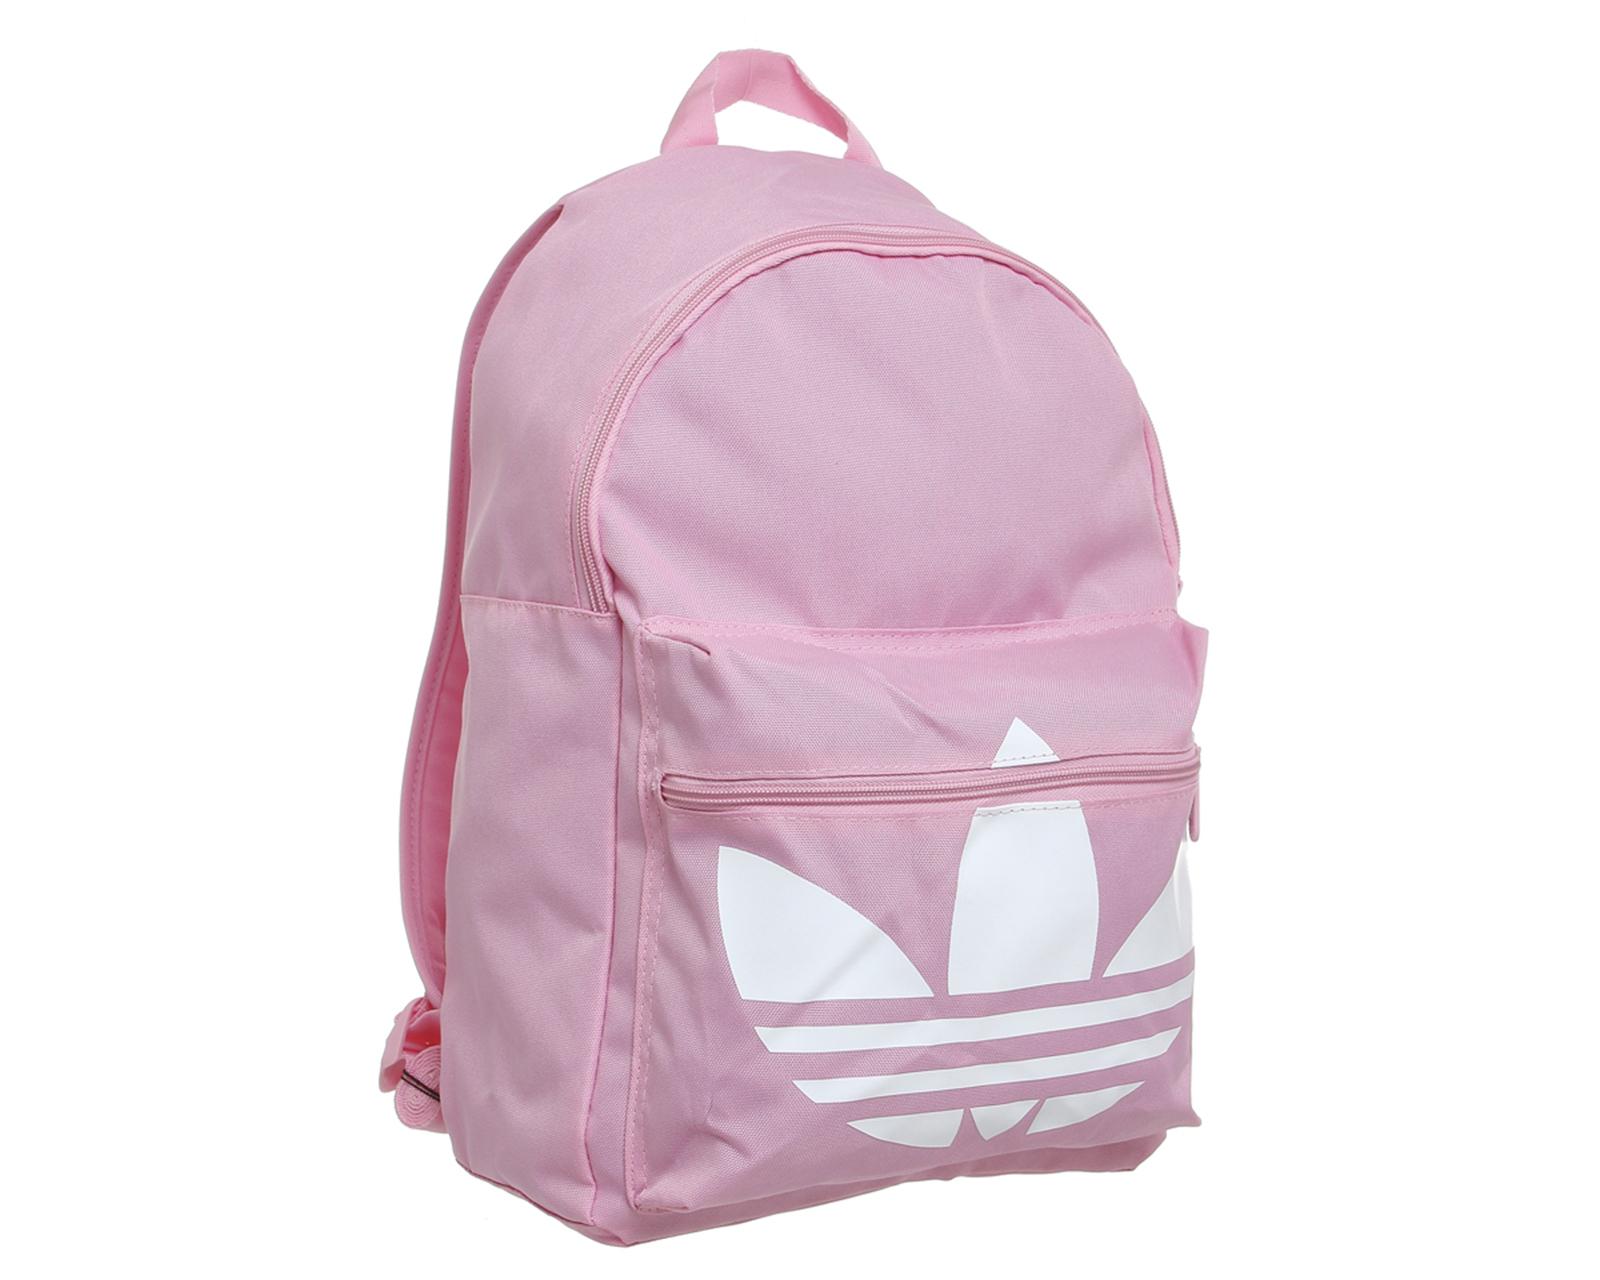 adidas originals trefoil canvas backpack in pink lyst. Black Bedroom Furniture Sets. Home Design Ideas